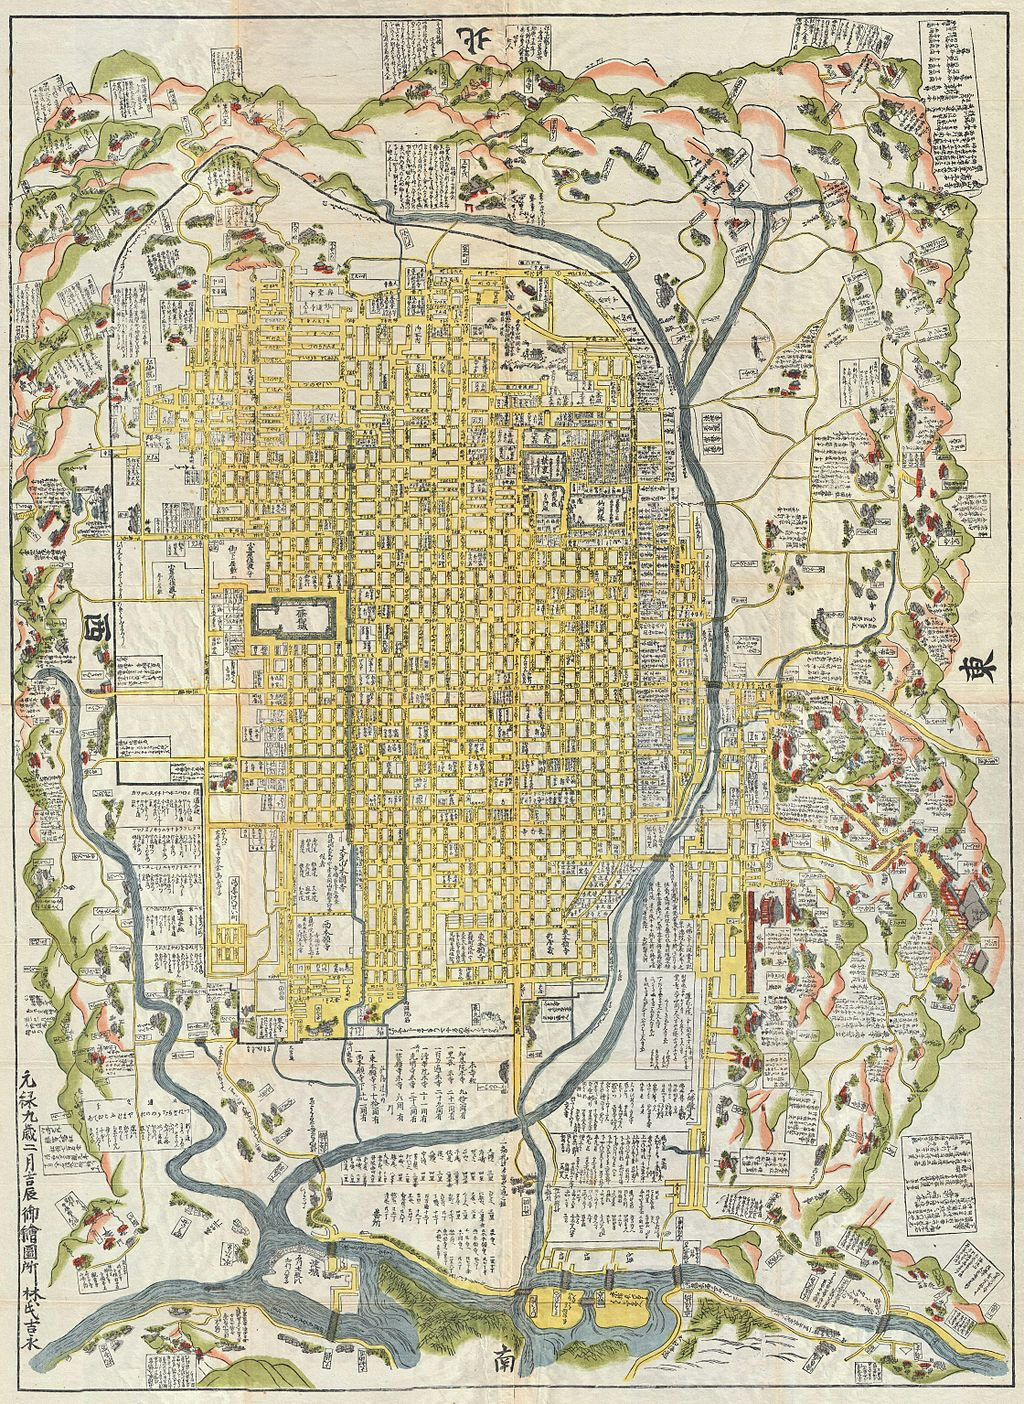 Historische kaart uit 1696